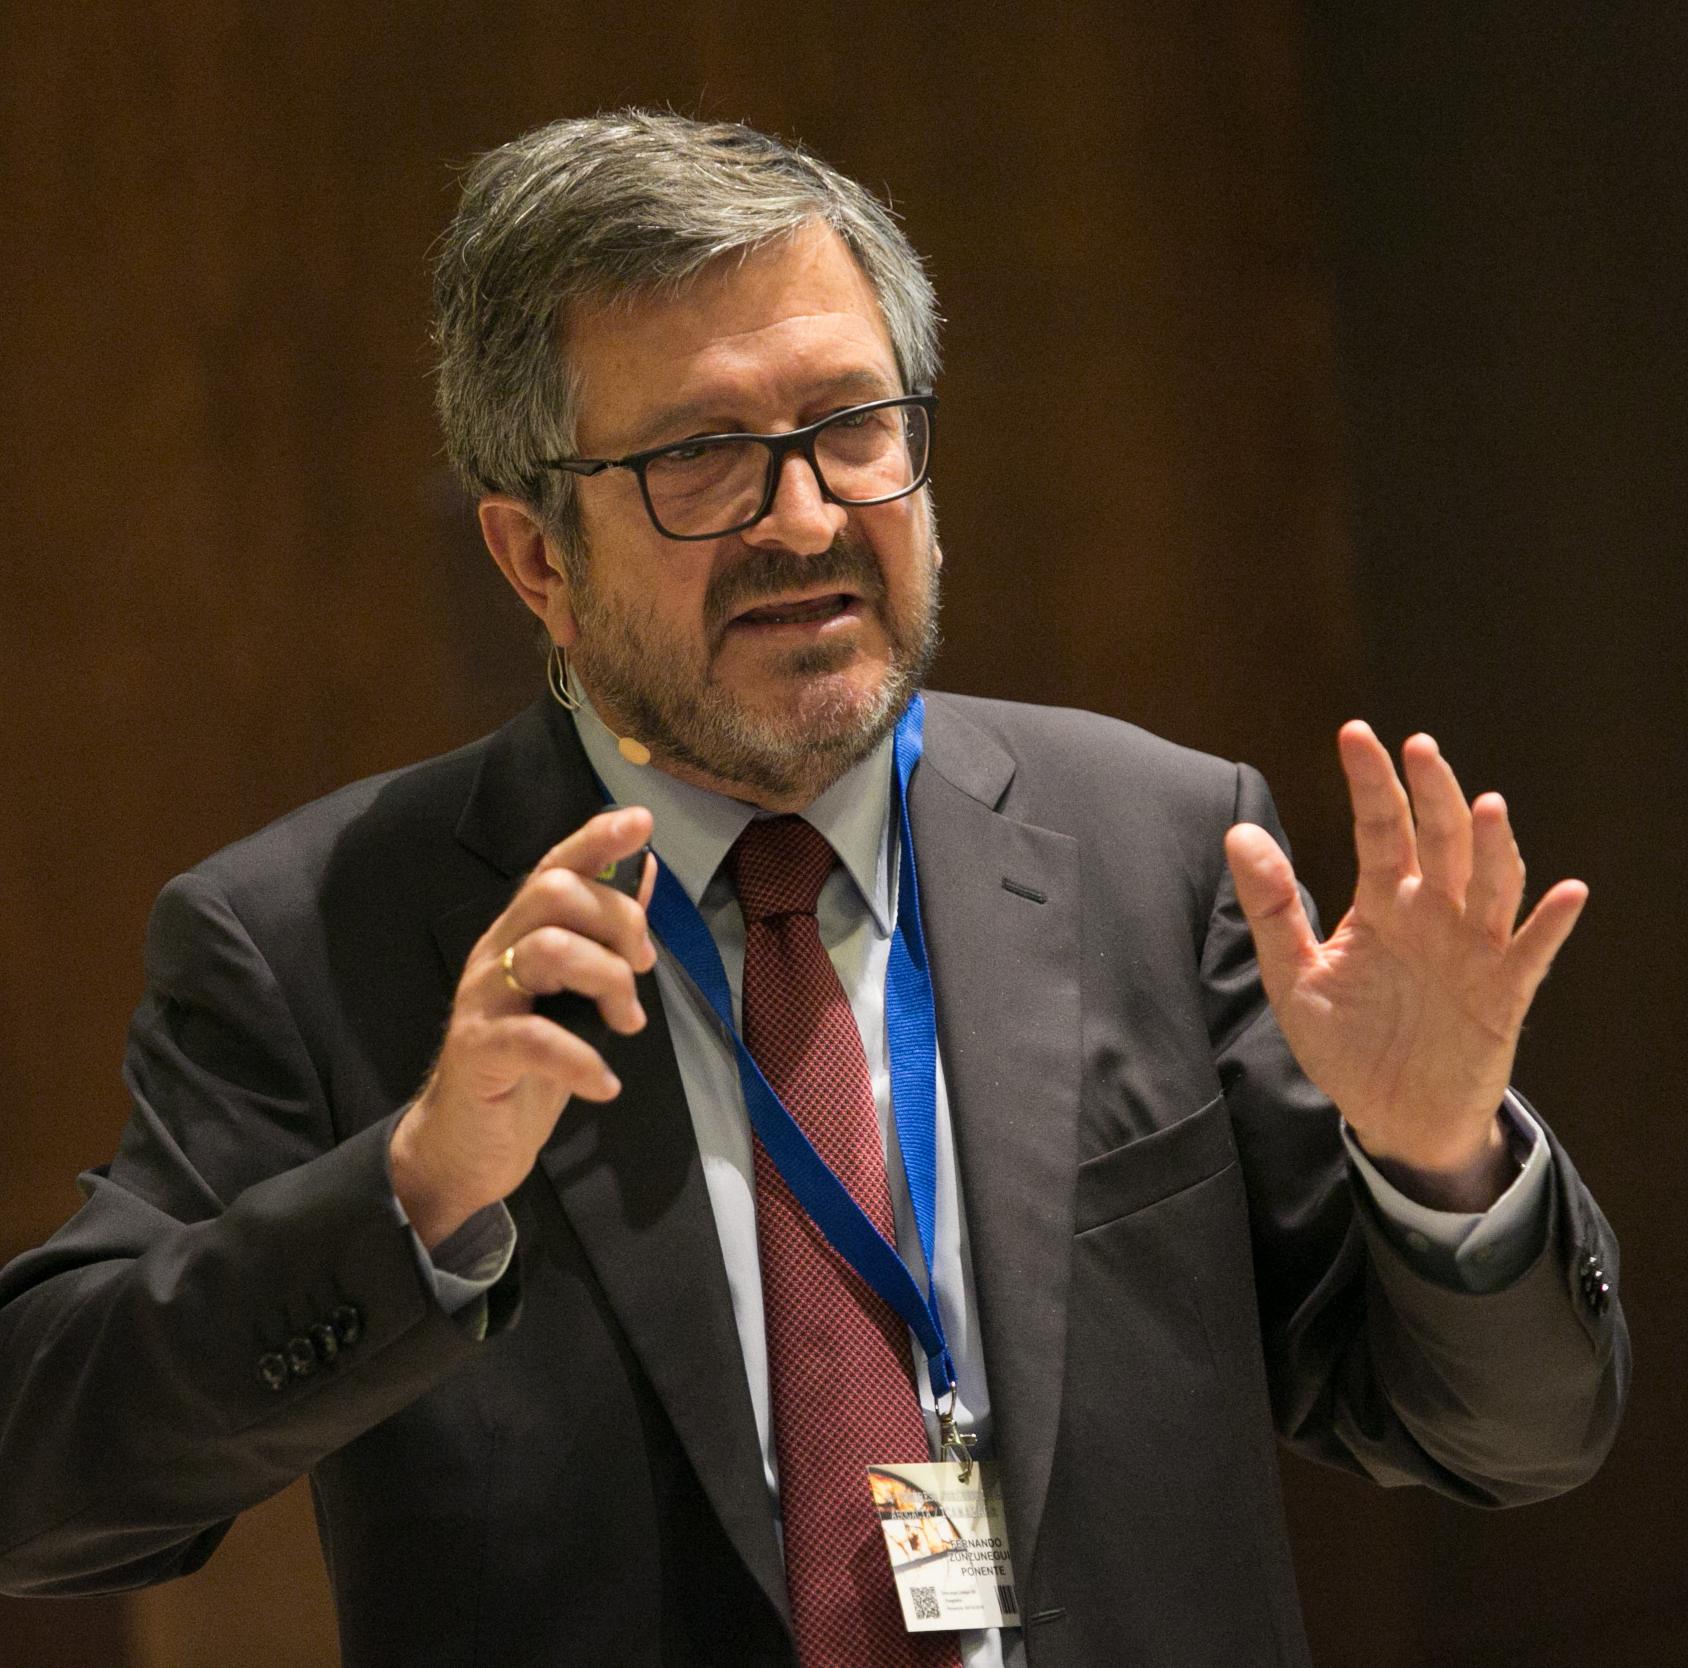 Fernando Zunzunegui Congreso ICAMÁLAGA Open Banking: Hacia un modelo de banca abierta (PSD2)